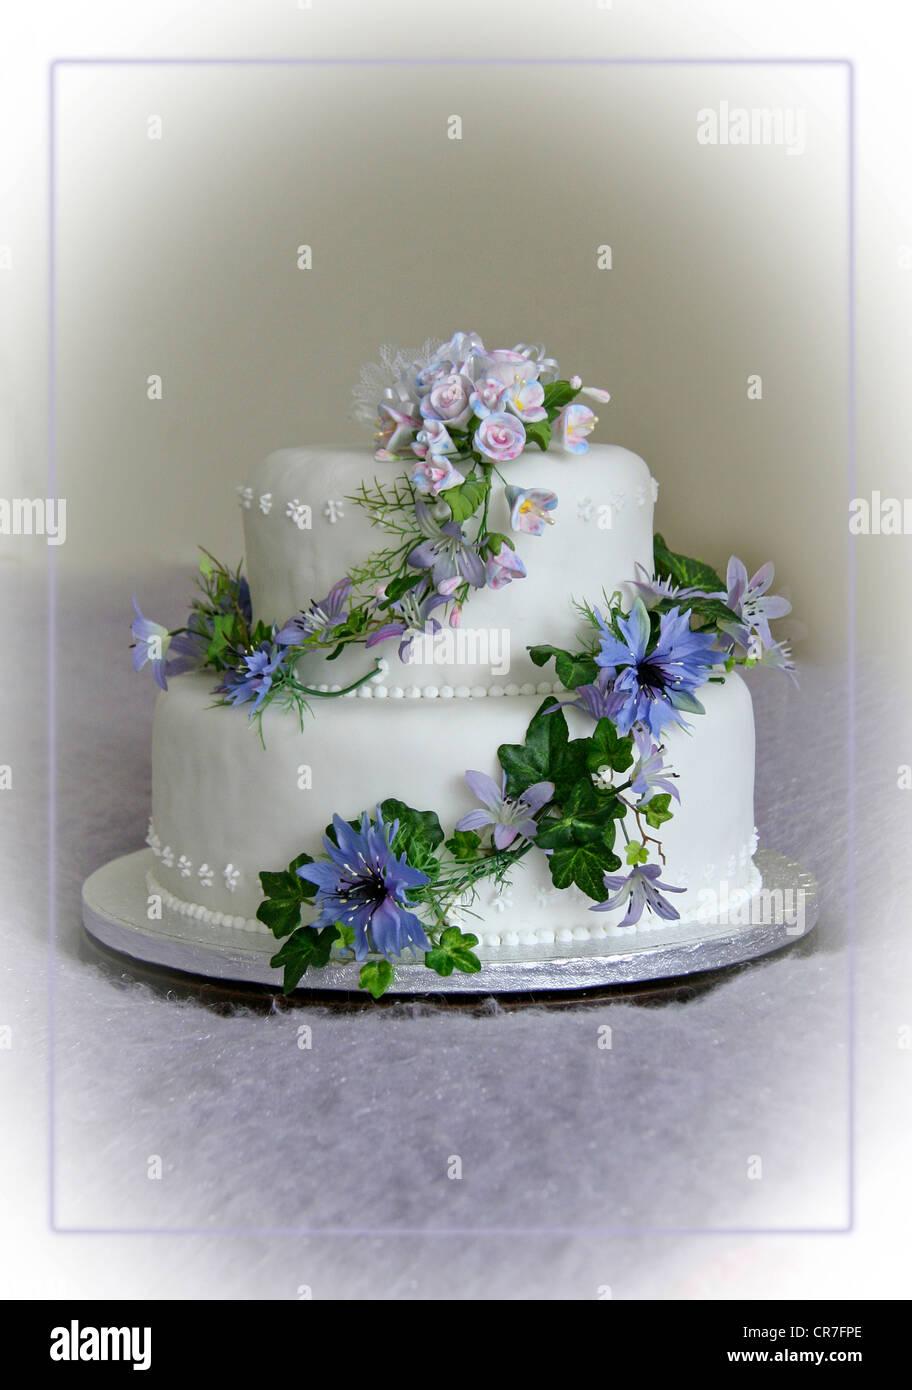 Hochzeitstorte Mit Lila Und Blauen Blumen Stockfoto Bild 48723878